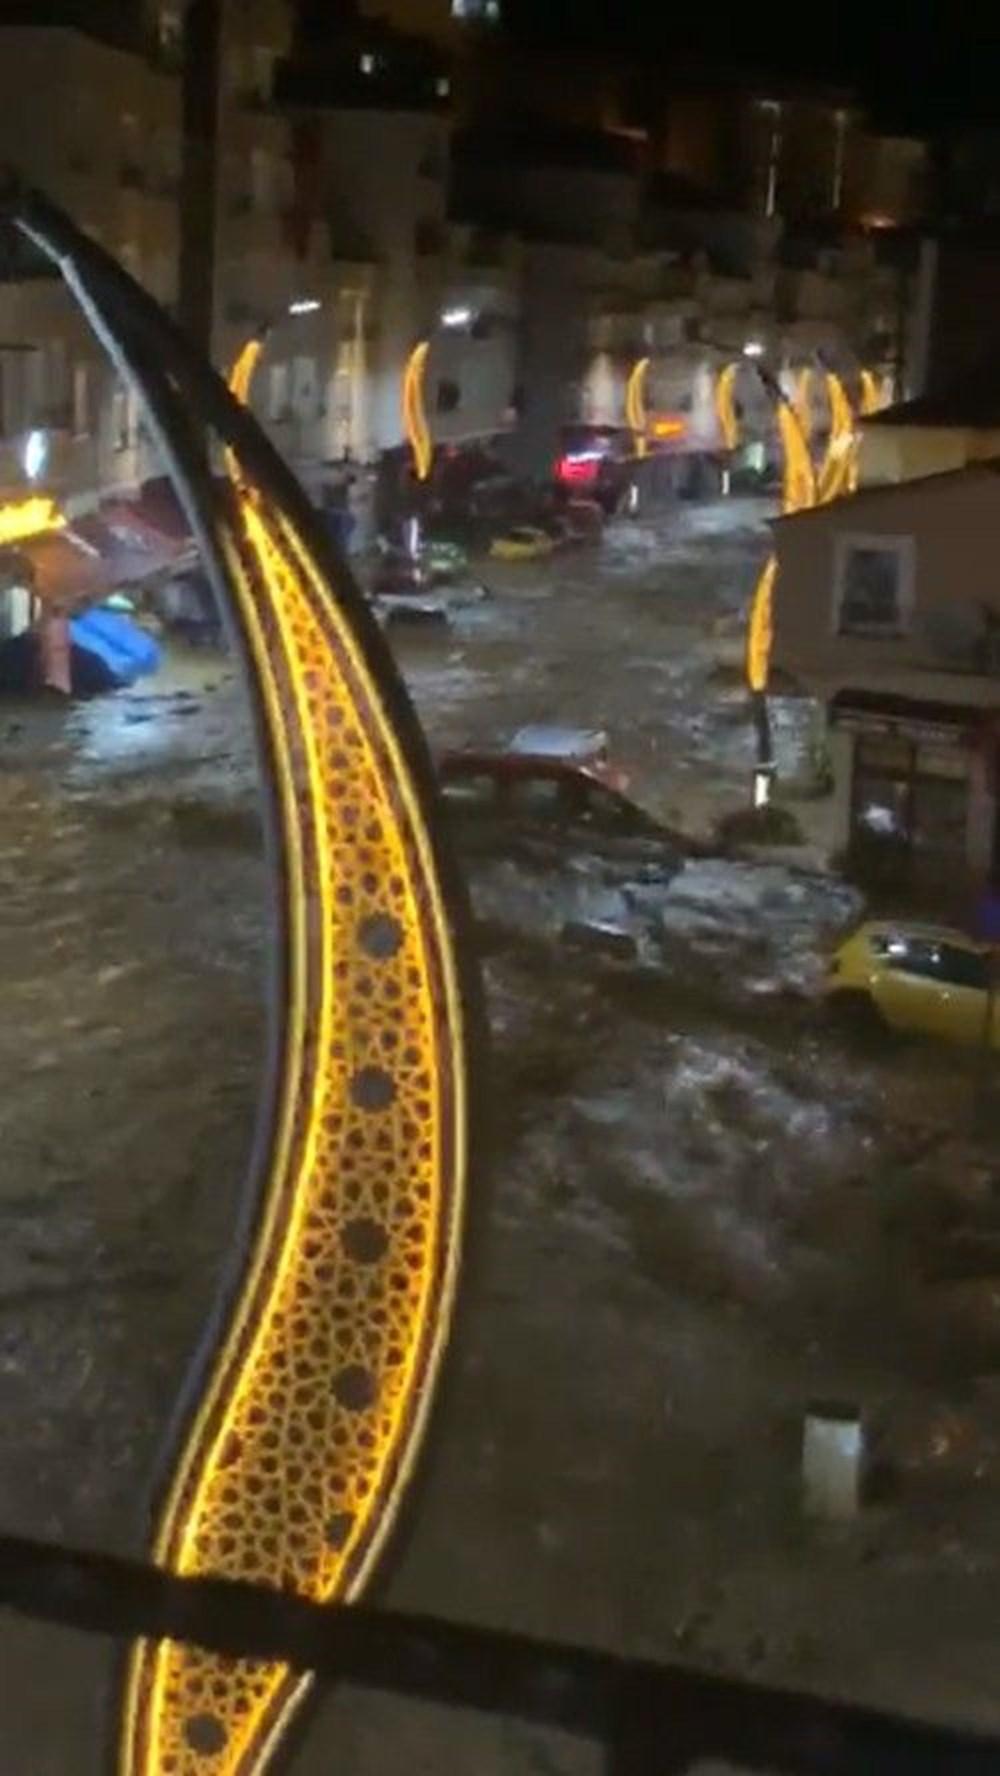 Giresun'u sel vurdu: 3 kişi hayatını kaybetti - 4